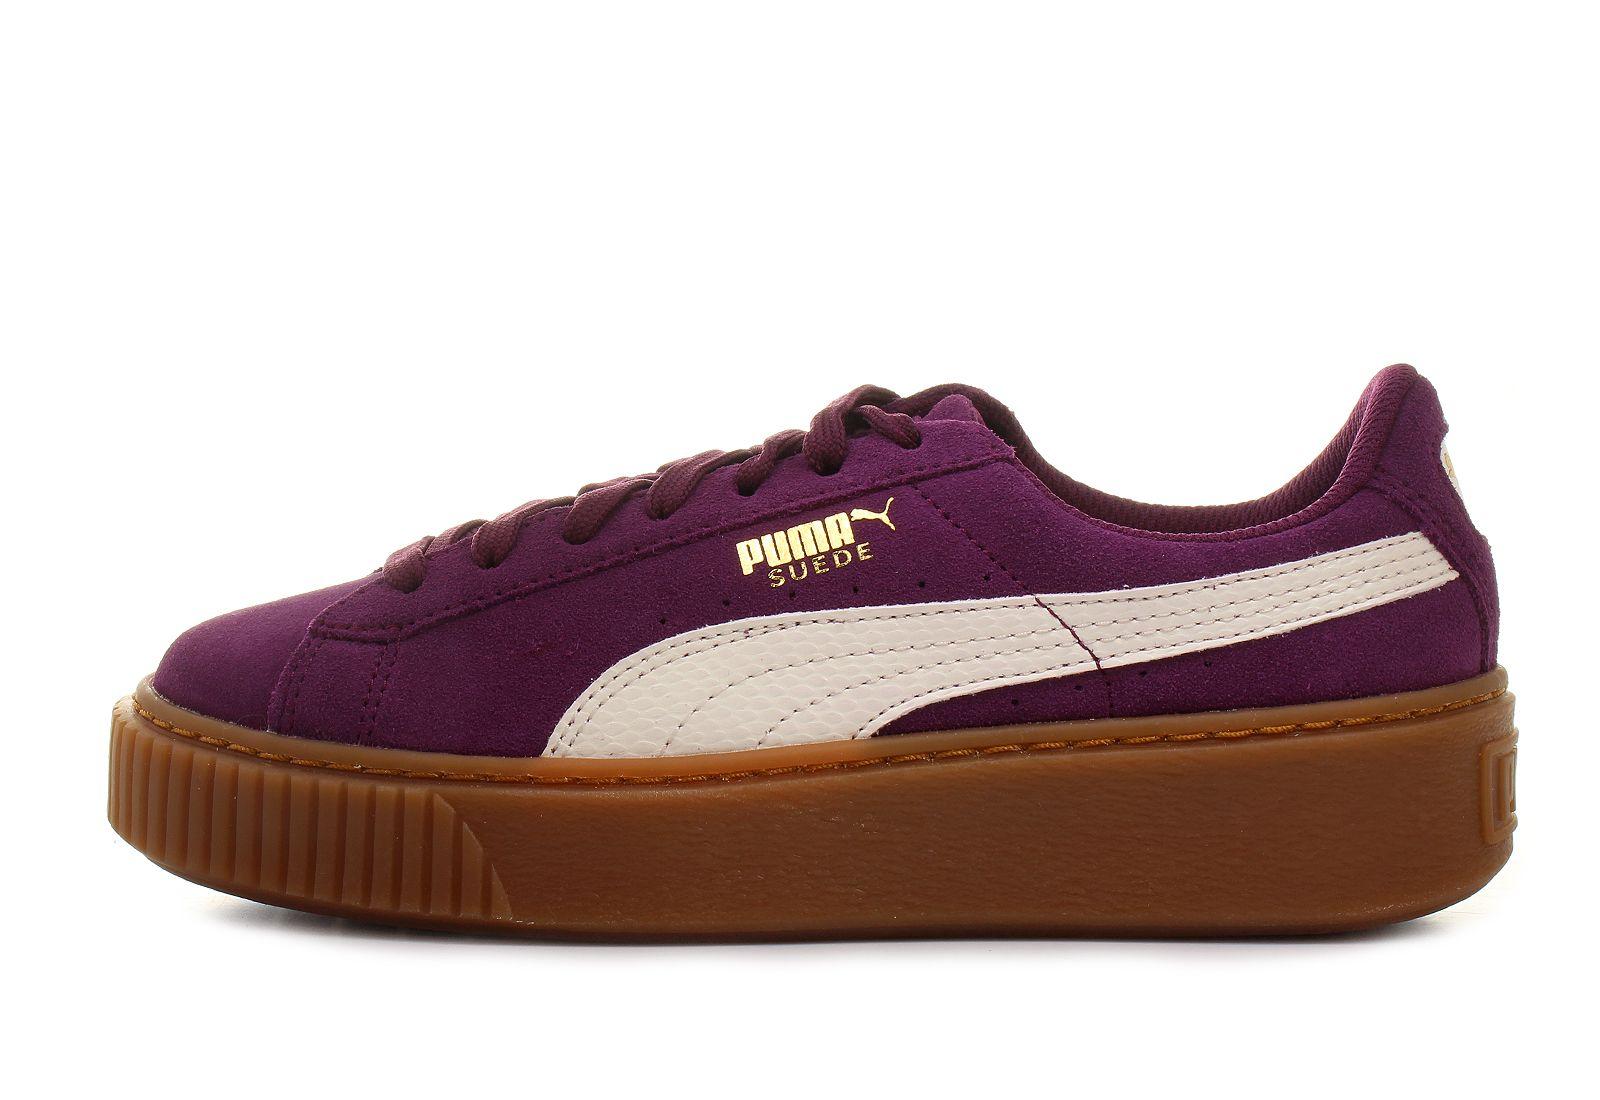 puma shoes suede platform snake jr 36390603 pur. Black Bedroom Furniture Sets. Home Design Ideas